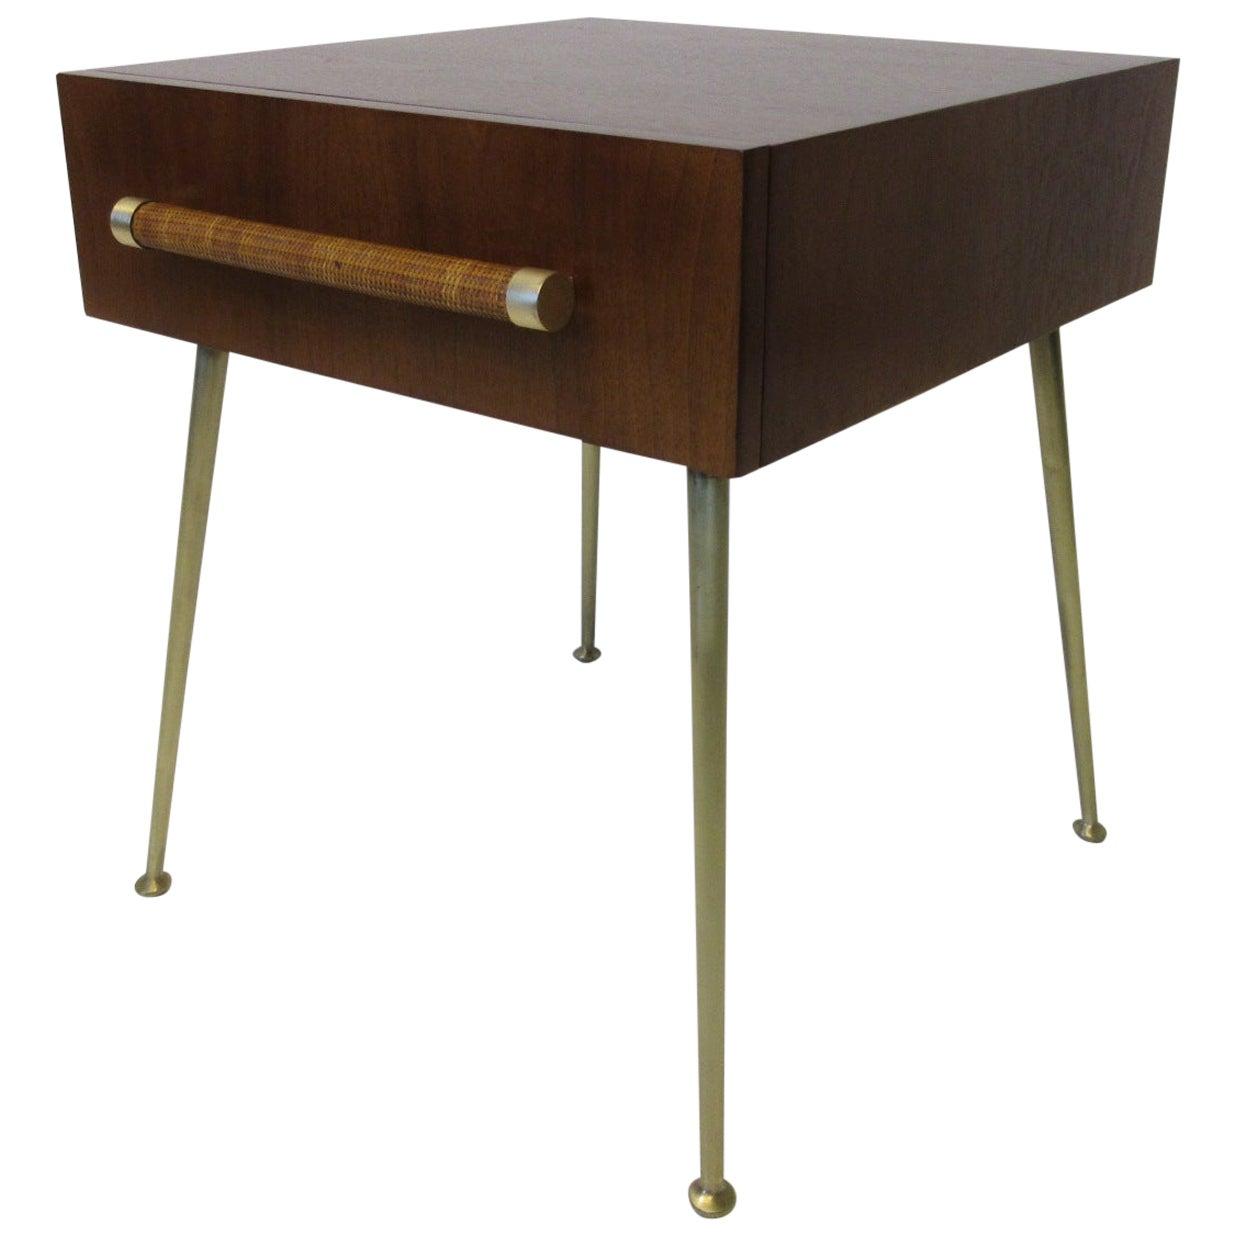 T.H. Robsjohn-Gibbings Side, End Table / Nightstand for Widdicomb